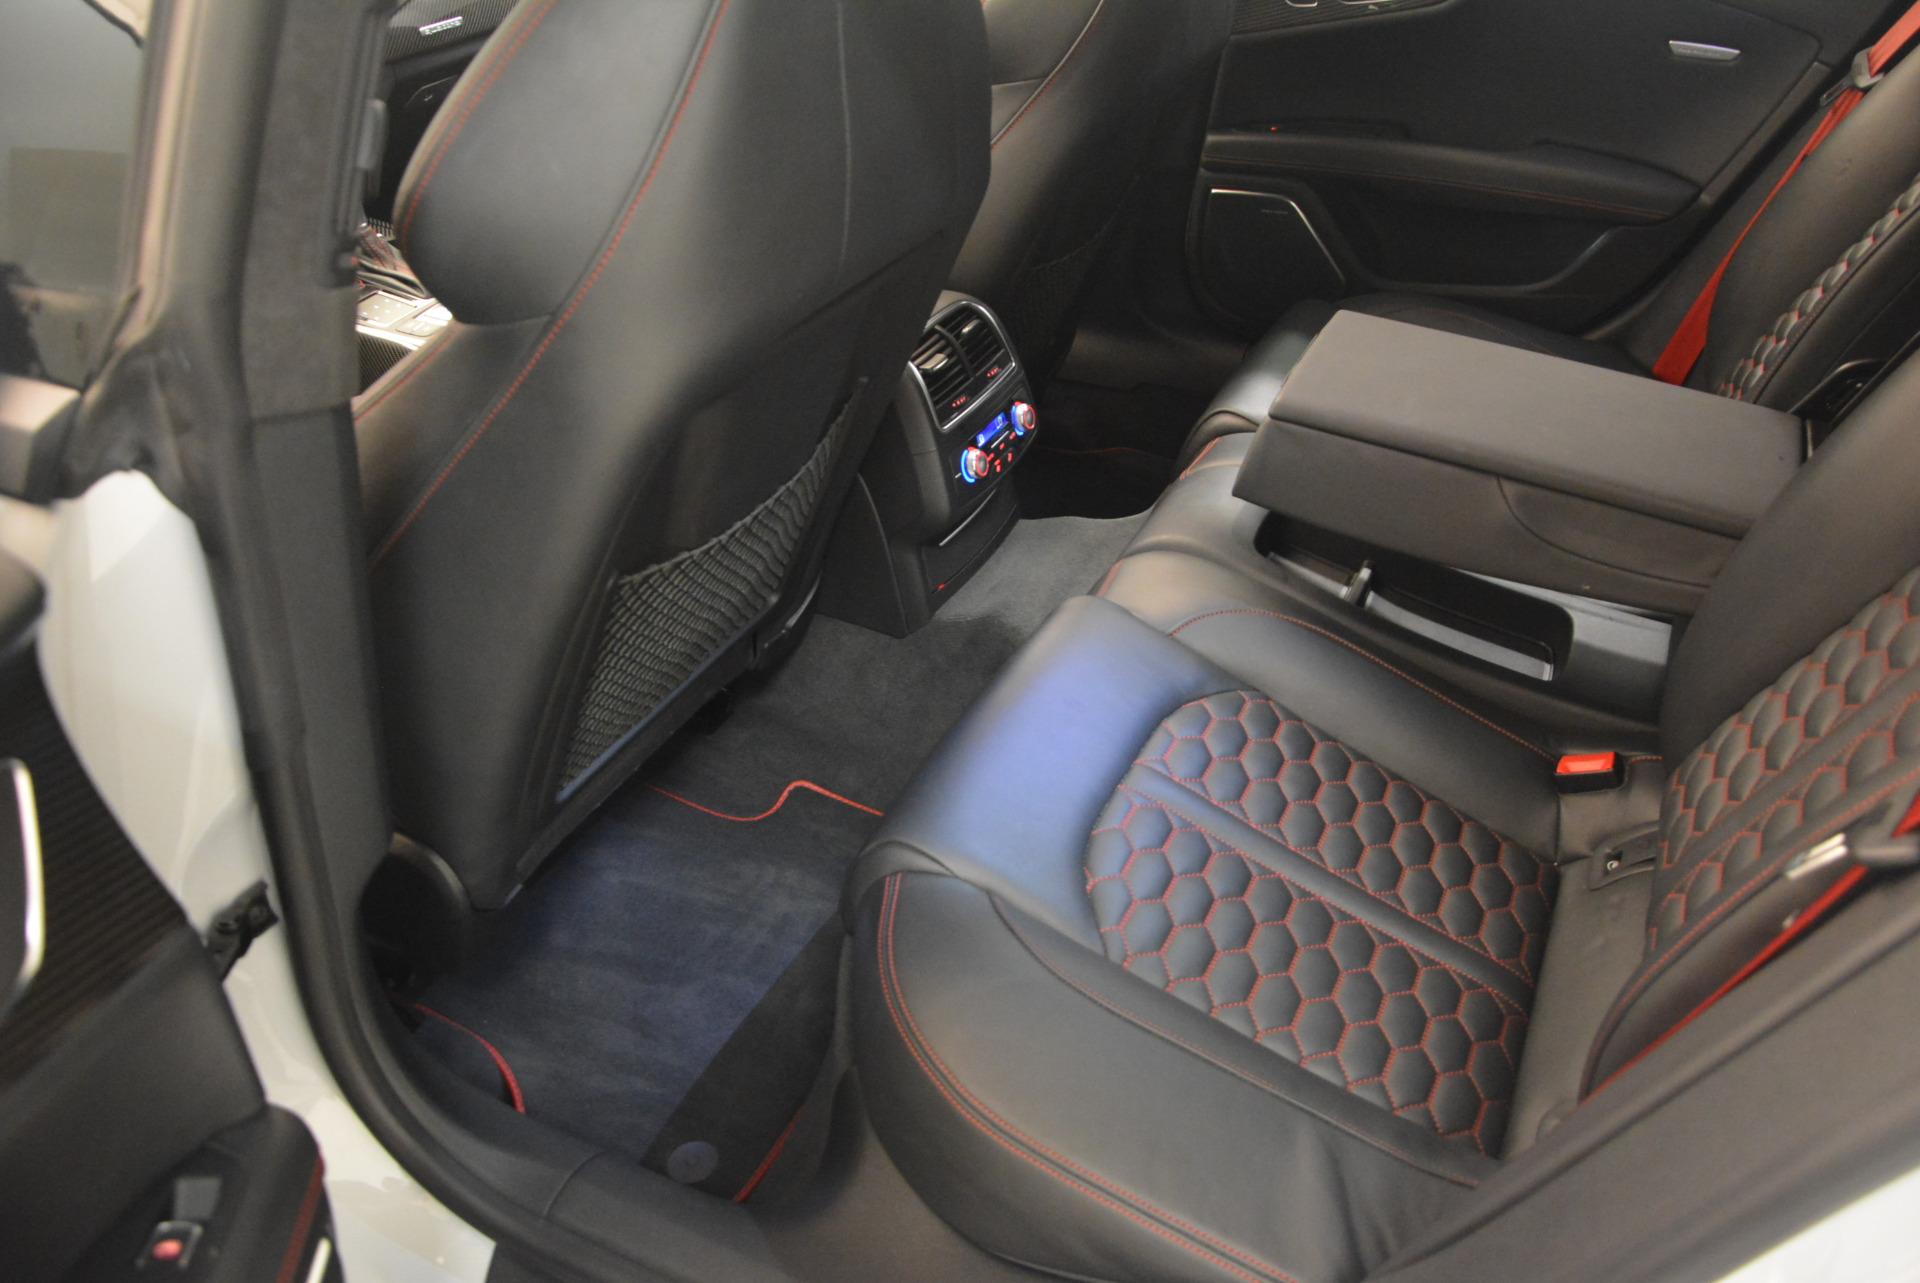 Used 2014 Audi RS 7 4.0T quattro Prestige For Sale In Greenwich, CT 1262_p33